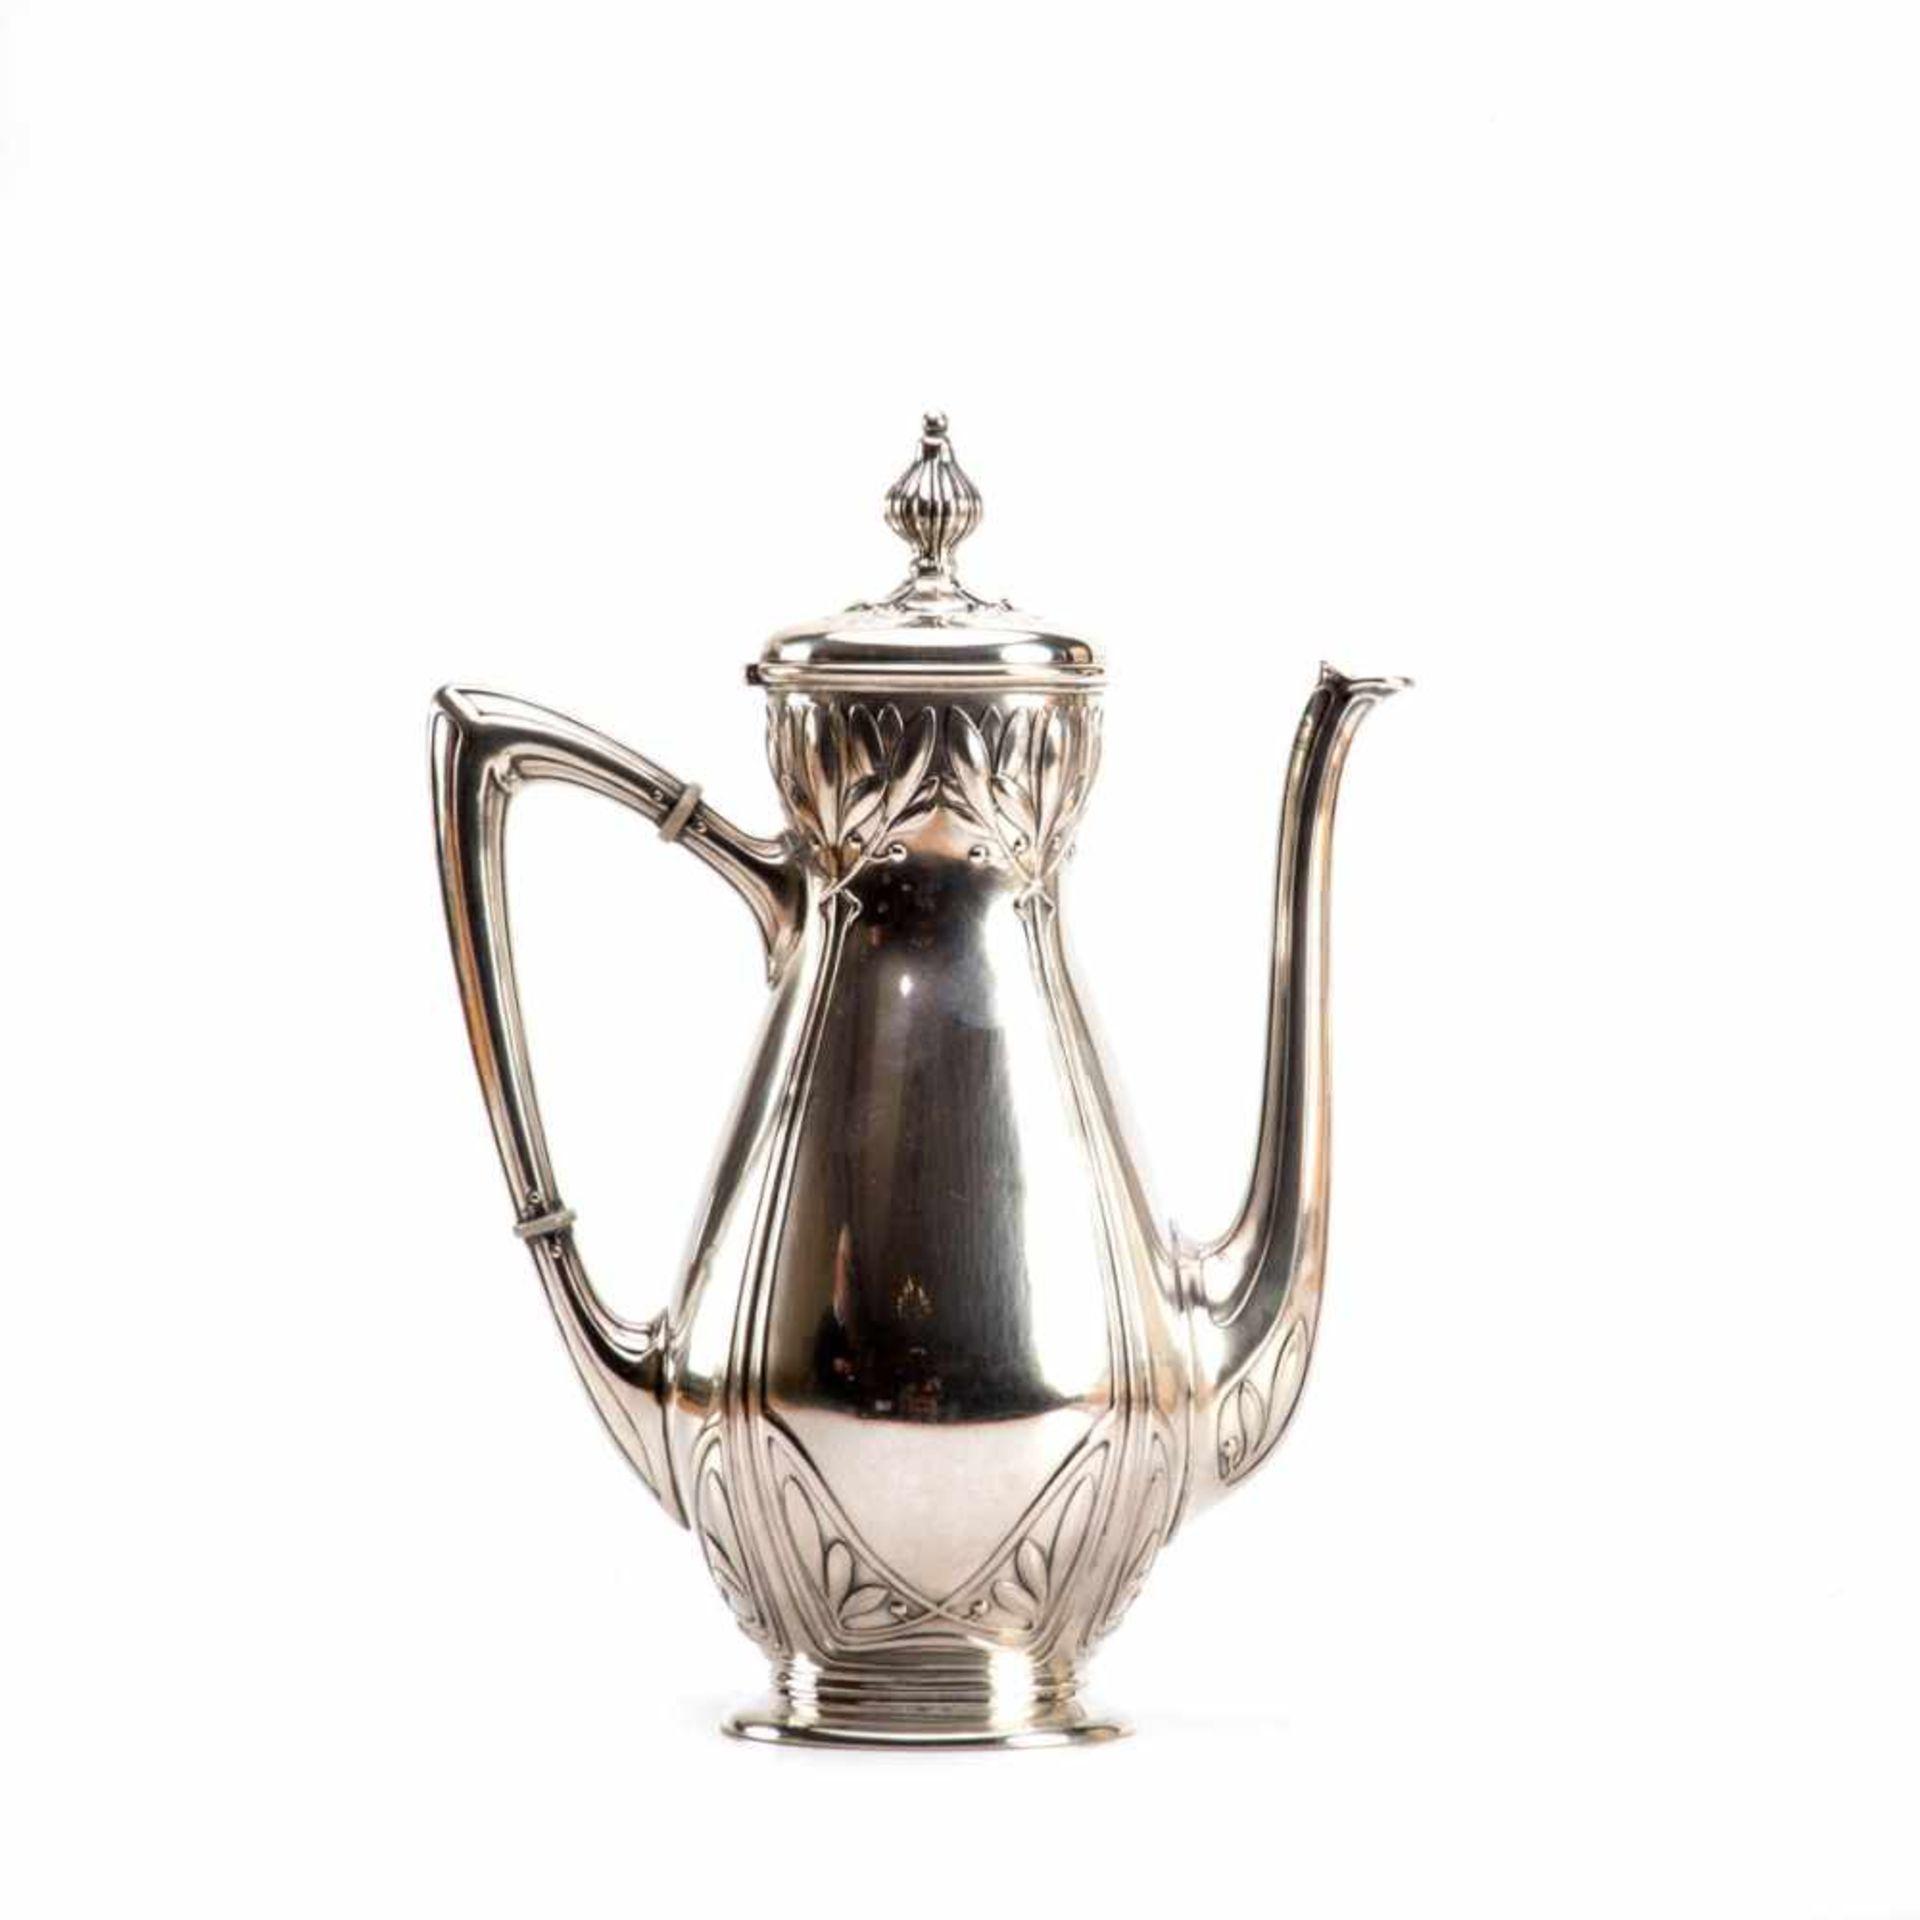 Los 31 - Jugendstil-Kaffeekanne mit floralem Reliefdekor Silber. Wilkens-Bremen, Juwelier Freytag, Modell Nr.